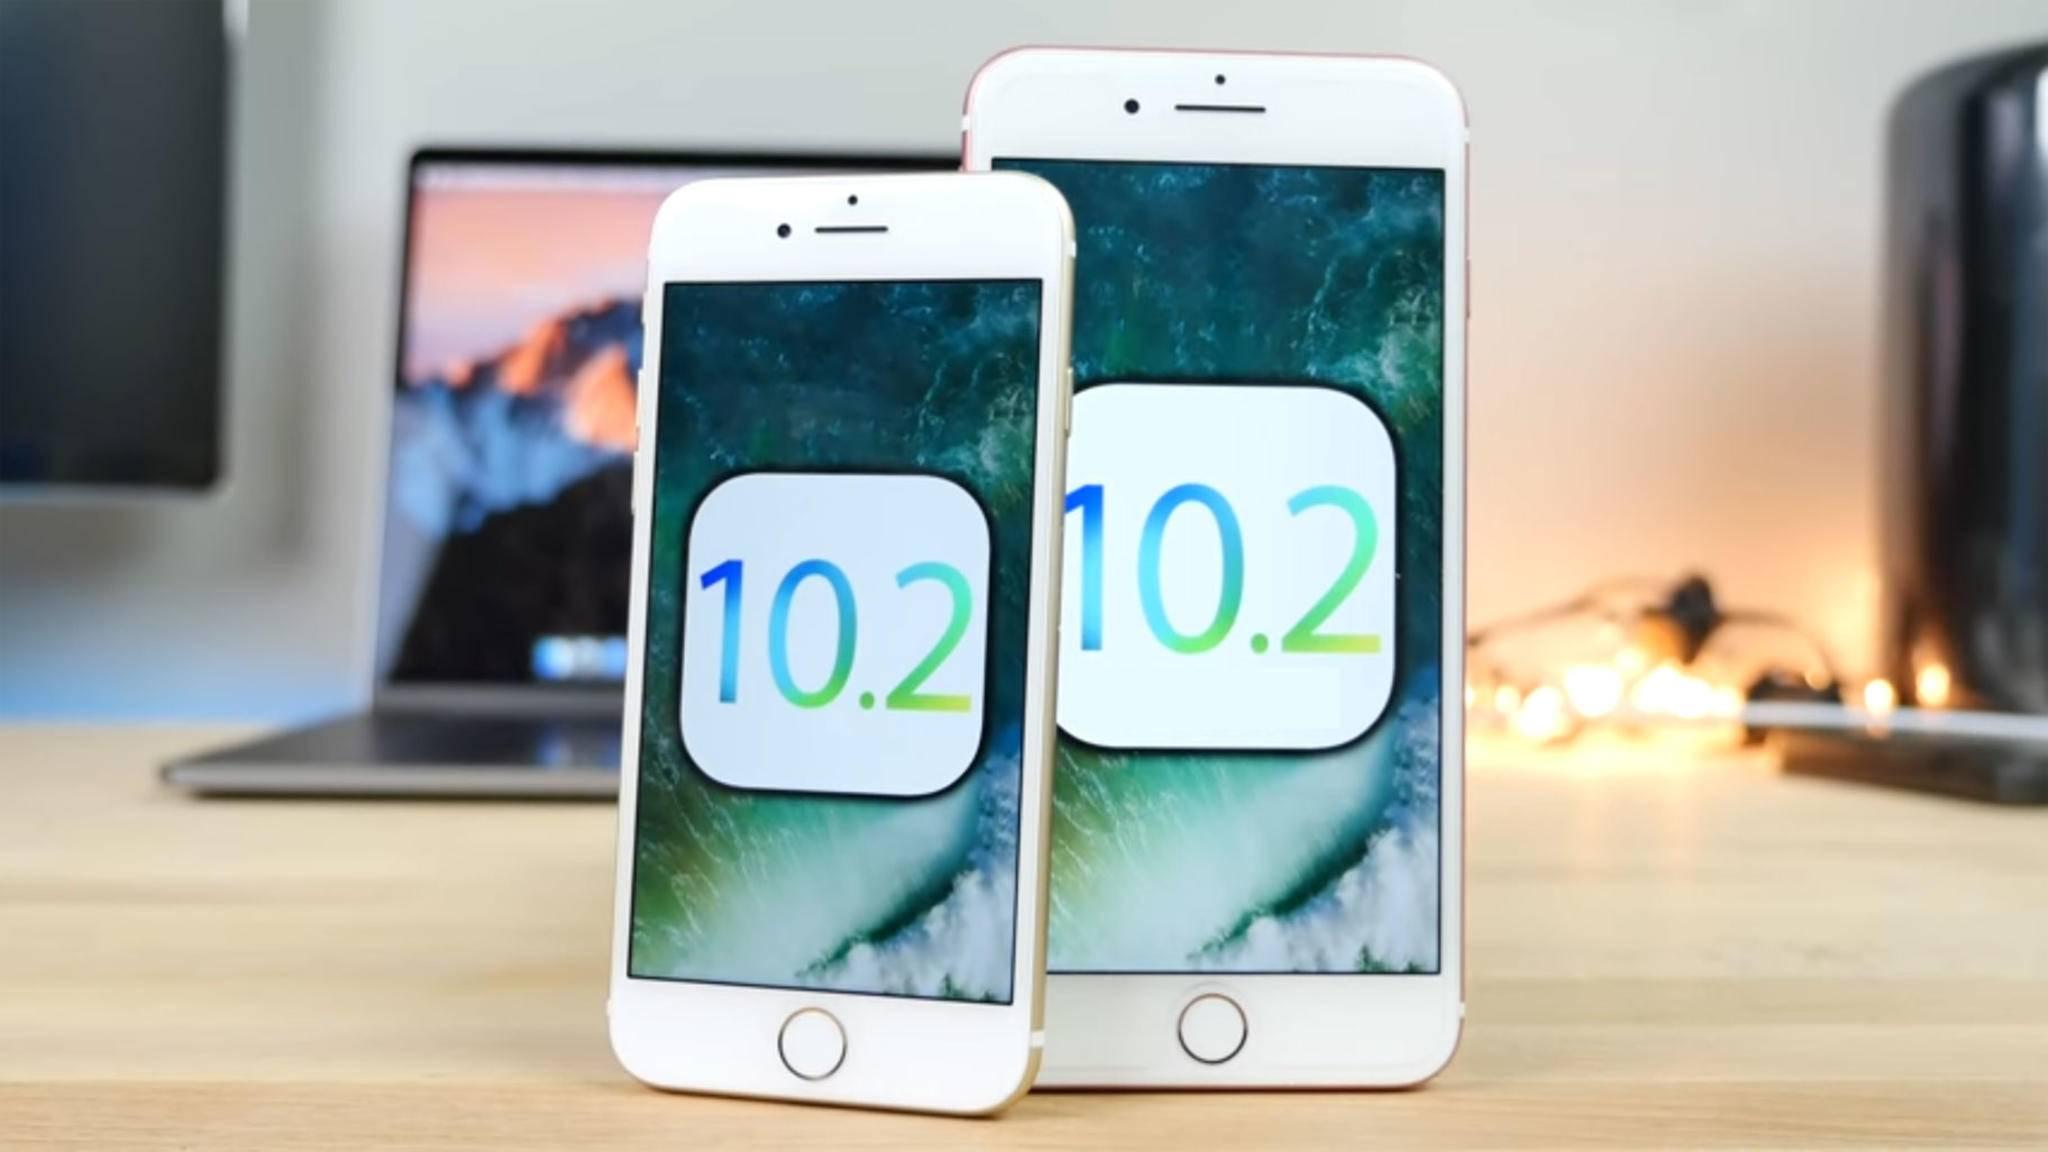 Beta 6 und 7 von iOS 10.2 wurden veröffentlicht, der Release erfolgt nächste Woche.